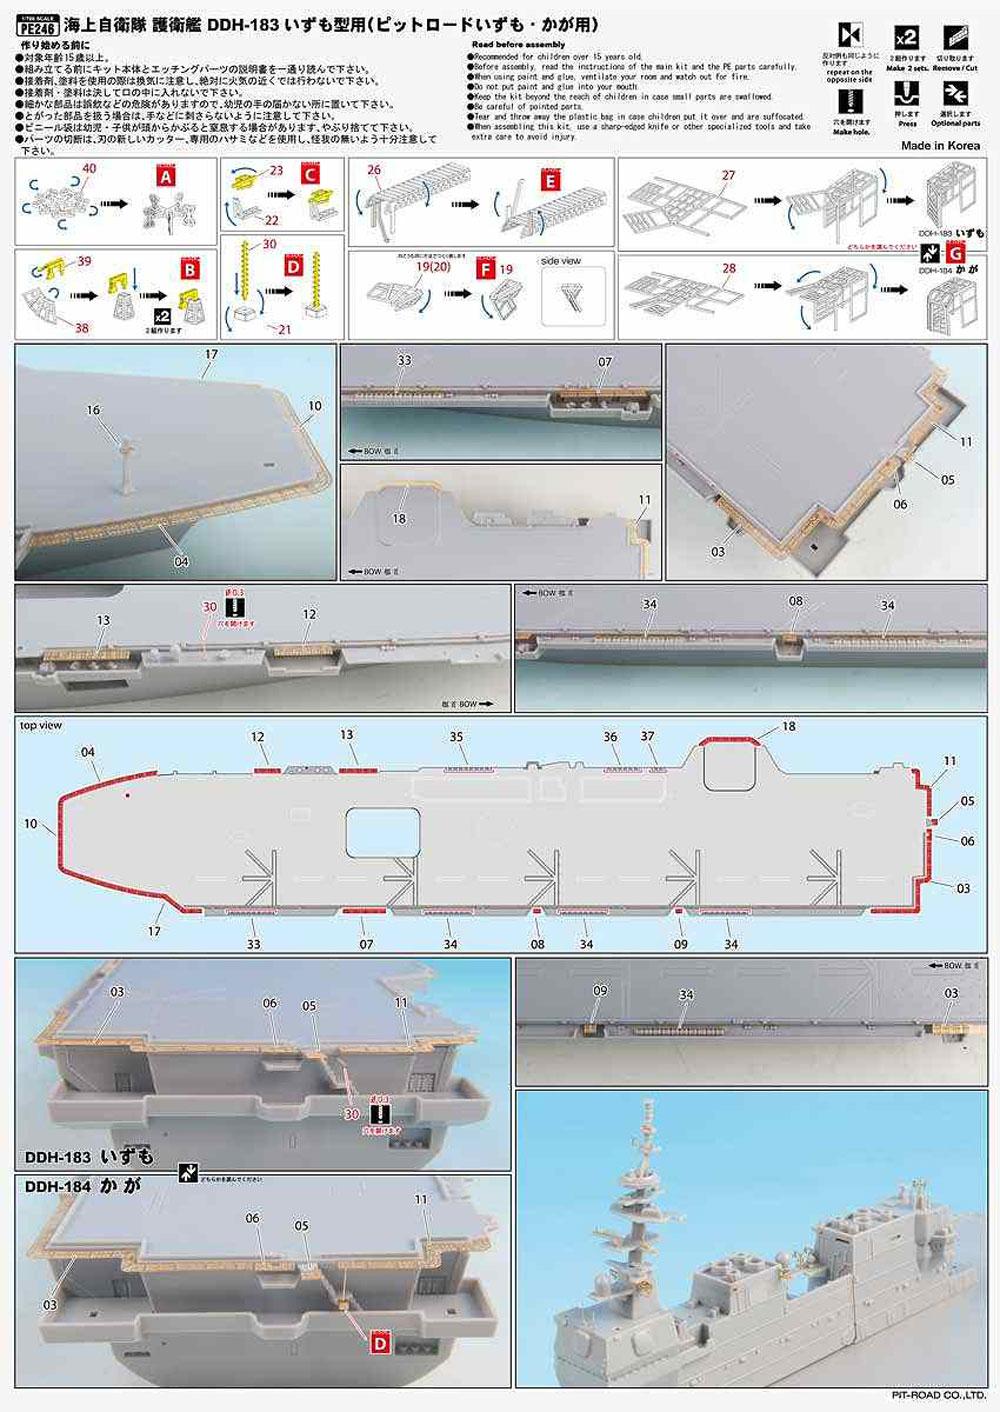 海上自衛隊 ヘリコプター搭載護衛艦 DDH-184 かが エッチング付プラモデル(ピットロード1/700 スカイウェーブ J シリーズNo.J-075E)商品画像_3